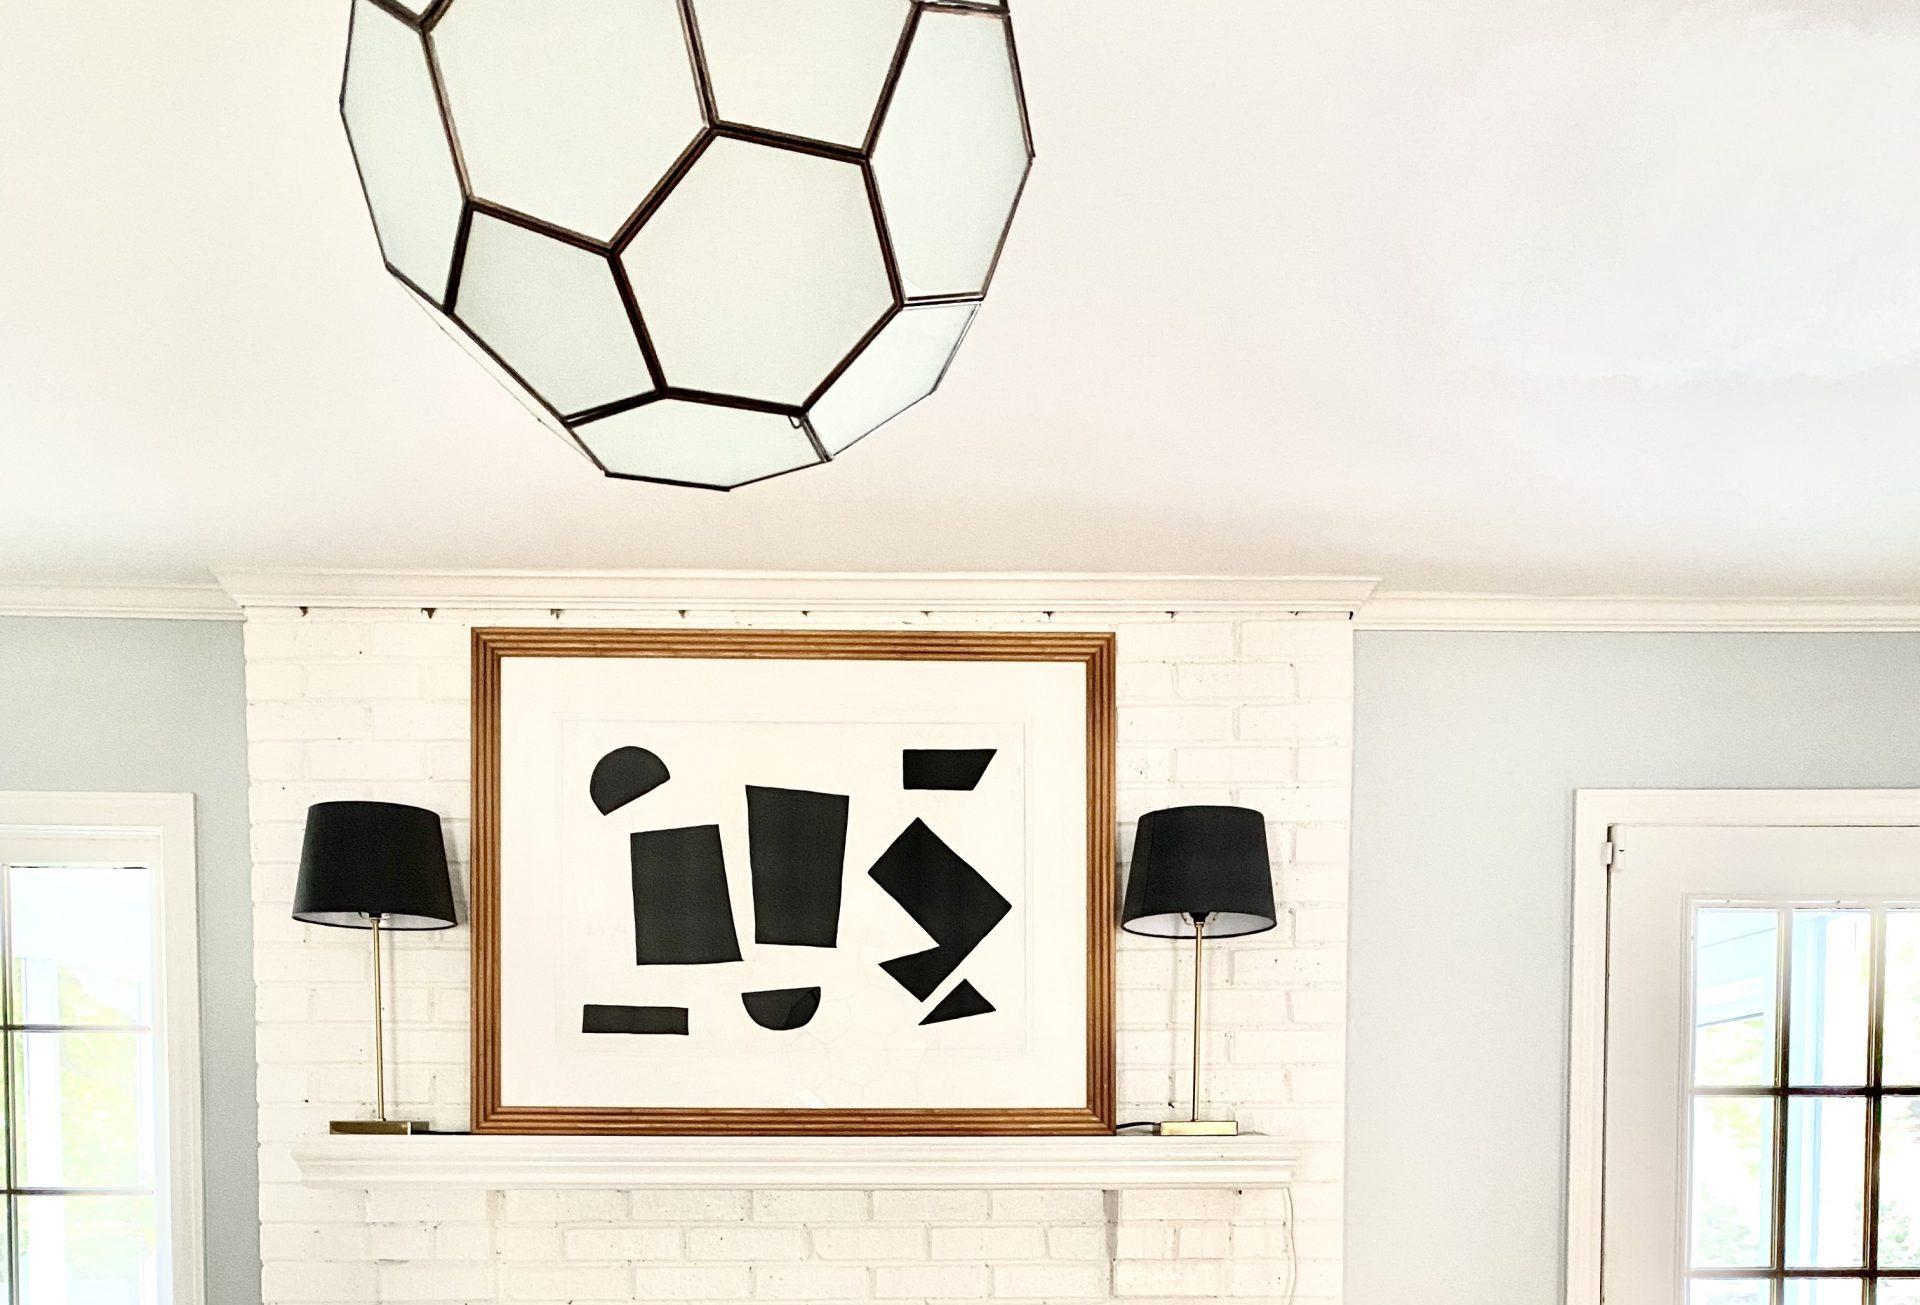 black-whtie-minimalist-art-living-room